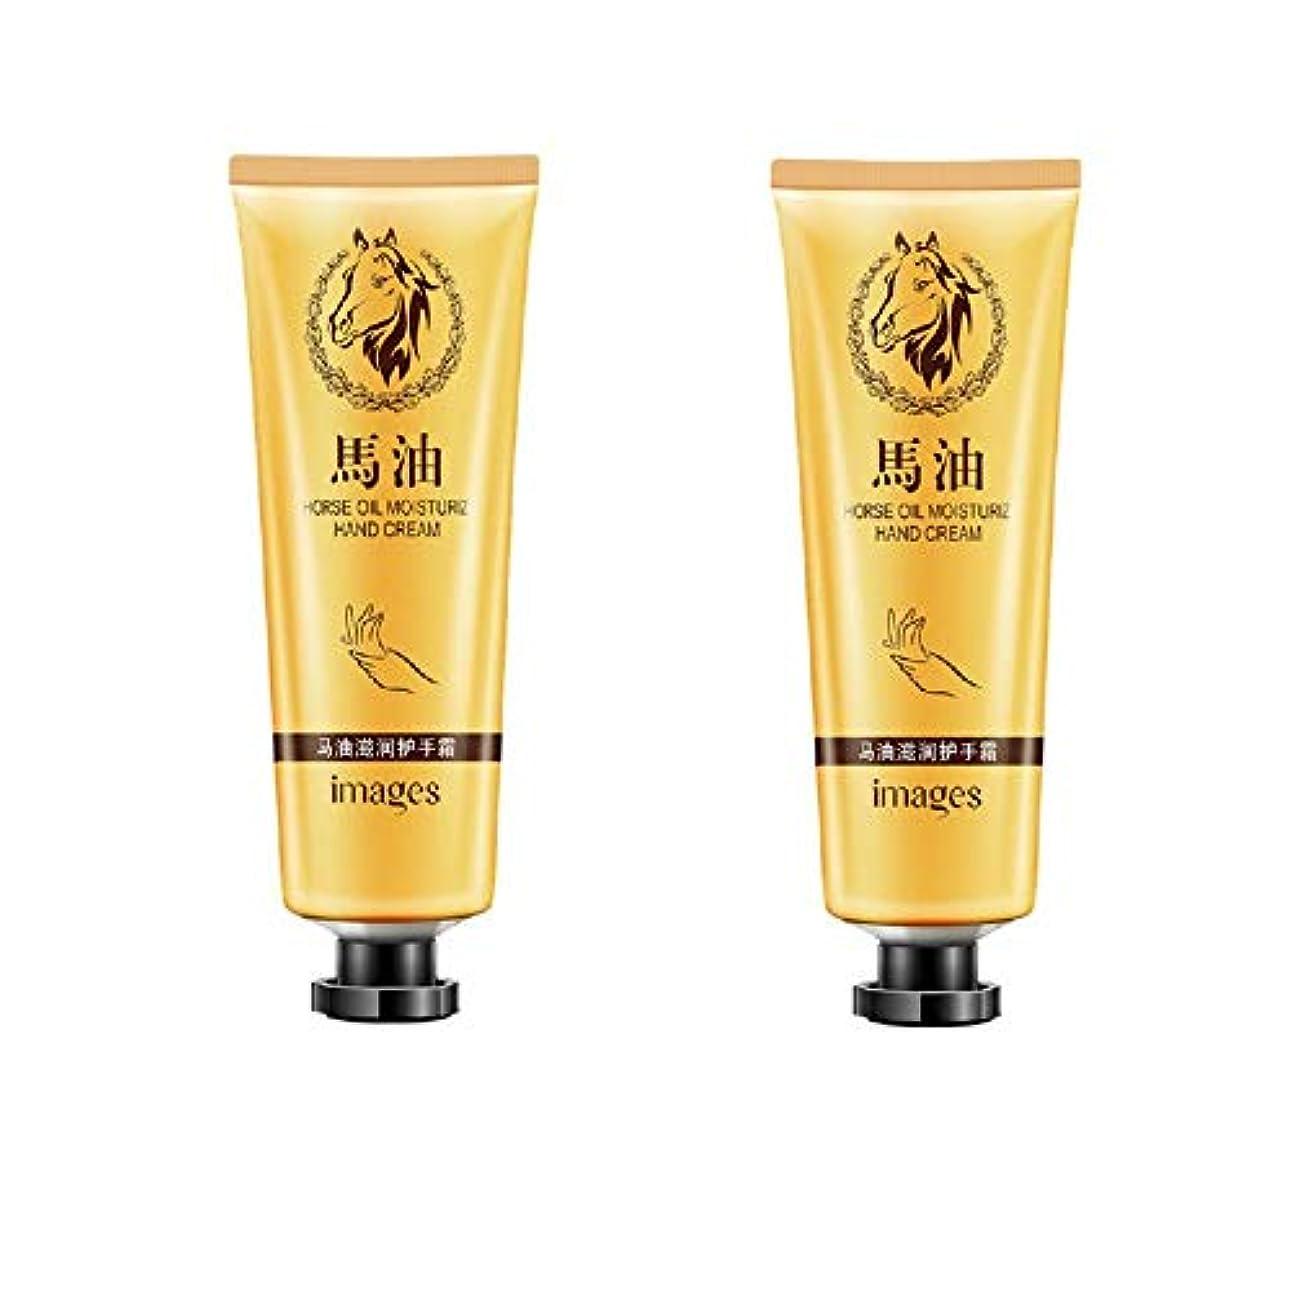 助言する拮抗する大騒ぎRuier-tong 馬油ハンドクリーム お得2本セット インテンスリペア ハンドクリーム &ボディローション 皮膚があかぎれ防止 ハンドクリーム 手肌用保湿 濃厚な保湿力 低刺激 超乾燥肌用 30g